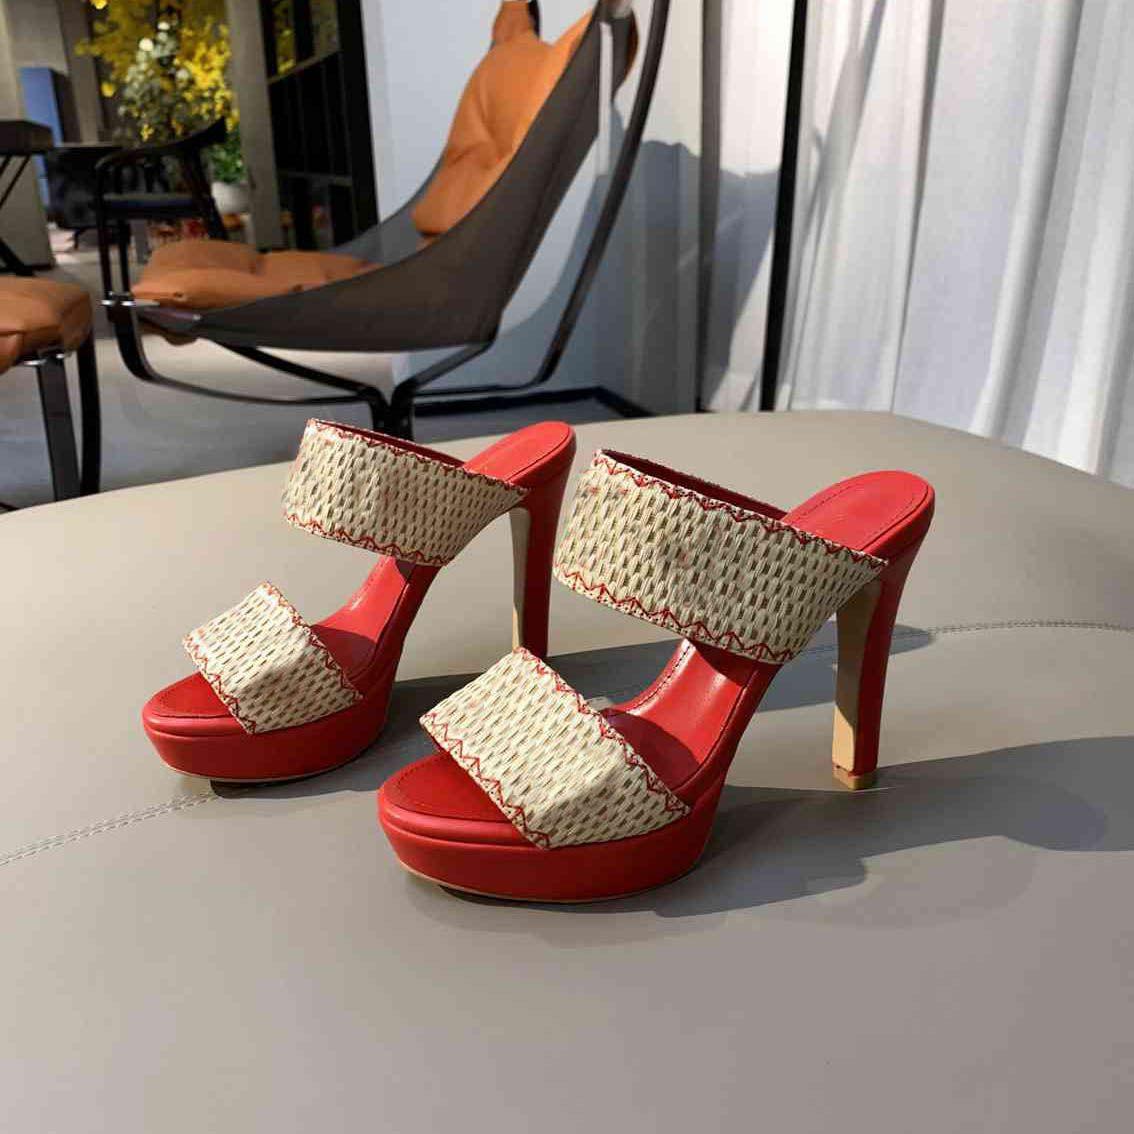 Zapatillas Patente de cuero arroz bordado de paja grueso soles fondo grueso fondo único diseño puntiagudo señal de punta de punta zapatos de boda sexy zapatos letras tacón sandalias